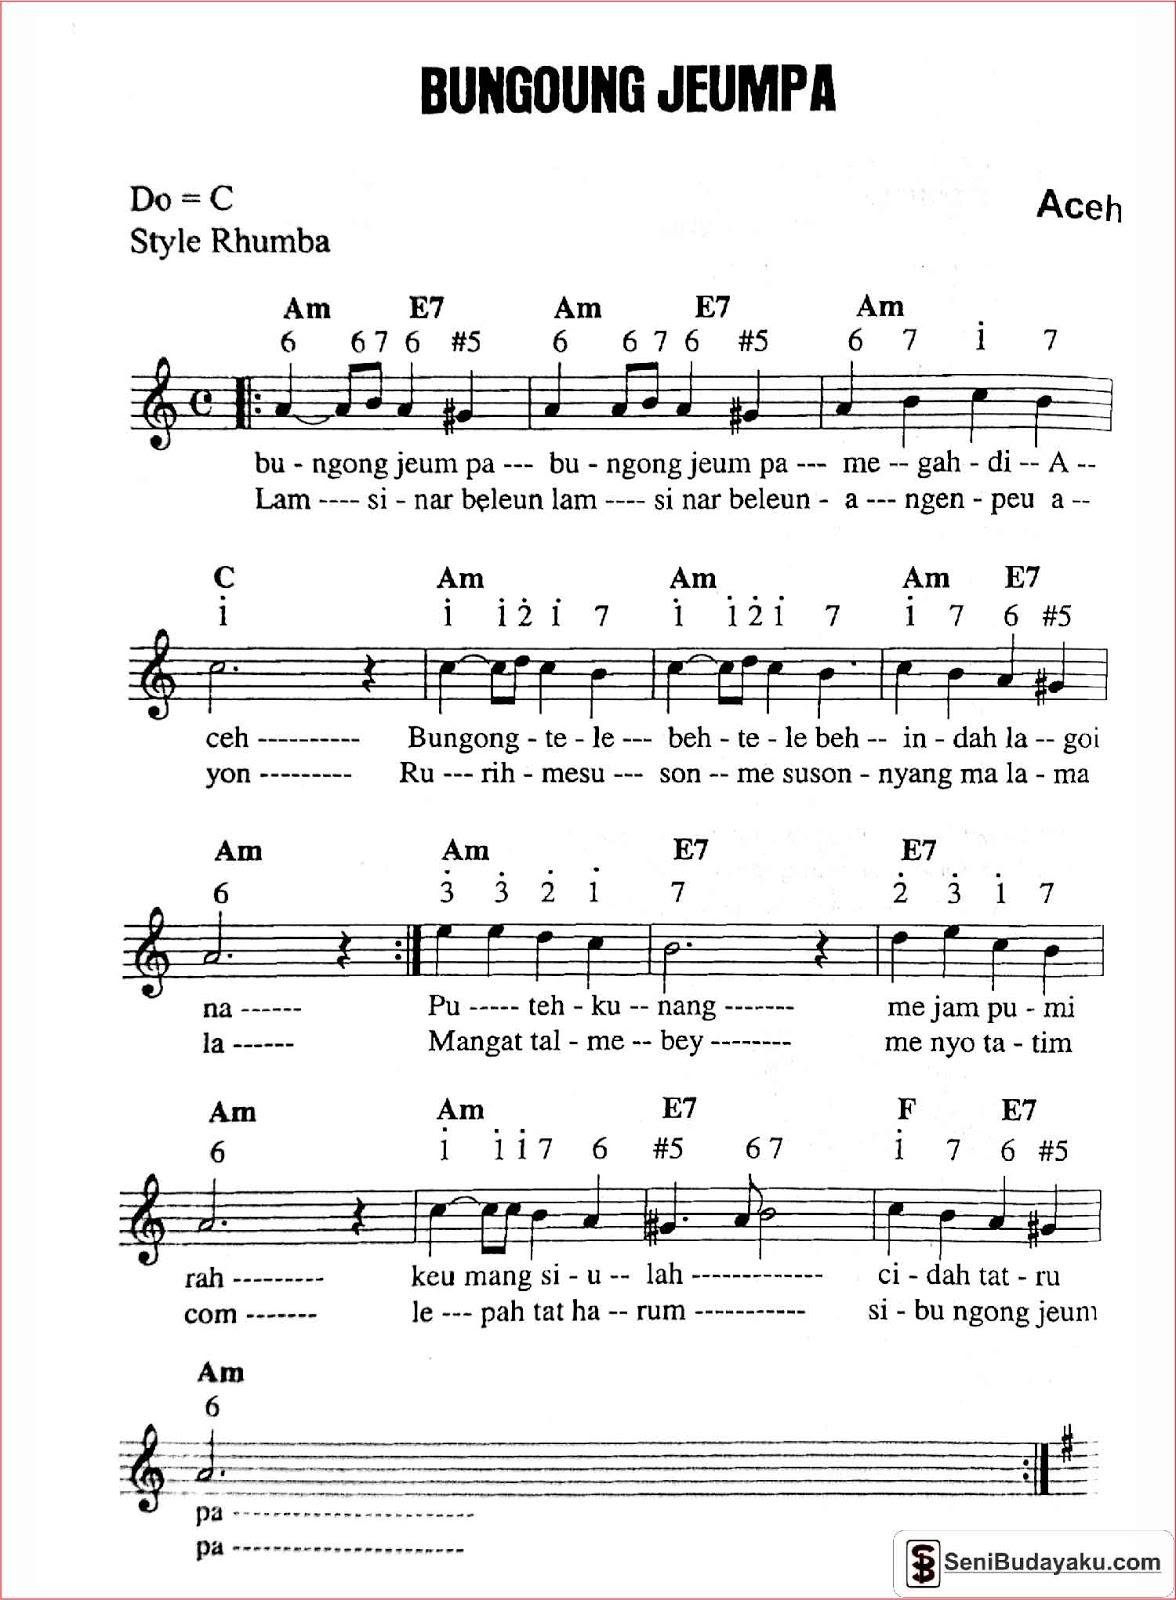 Download Lagu Bungong Jeumpa Tania : download, bungong, jeumpa, tania, Lirik, Bungong, Jeumpa